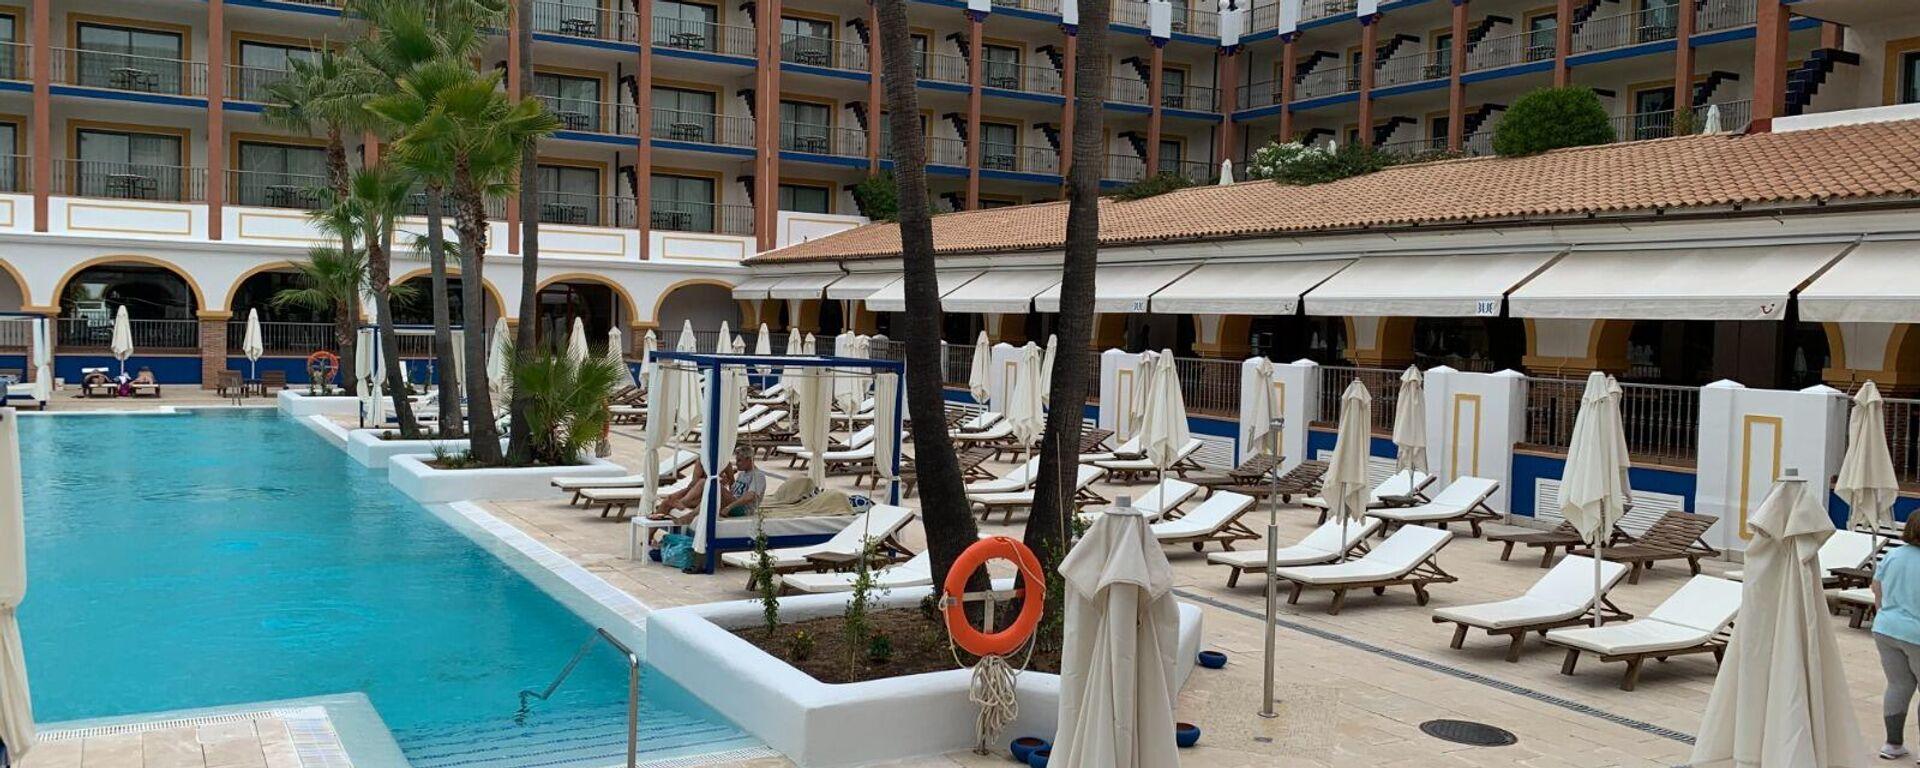 Hotel Tui Blue Isla Cristina - Sputnik Mundo, 1920, 22.06.2021